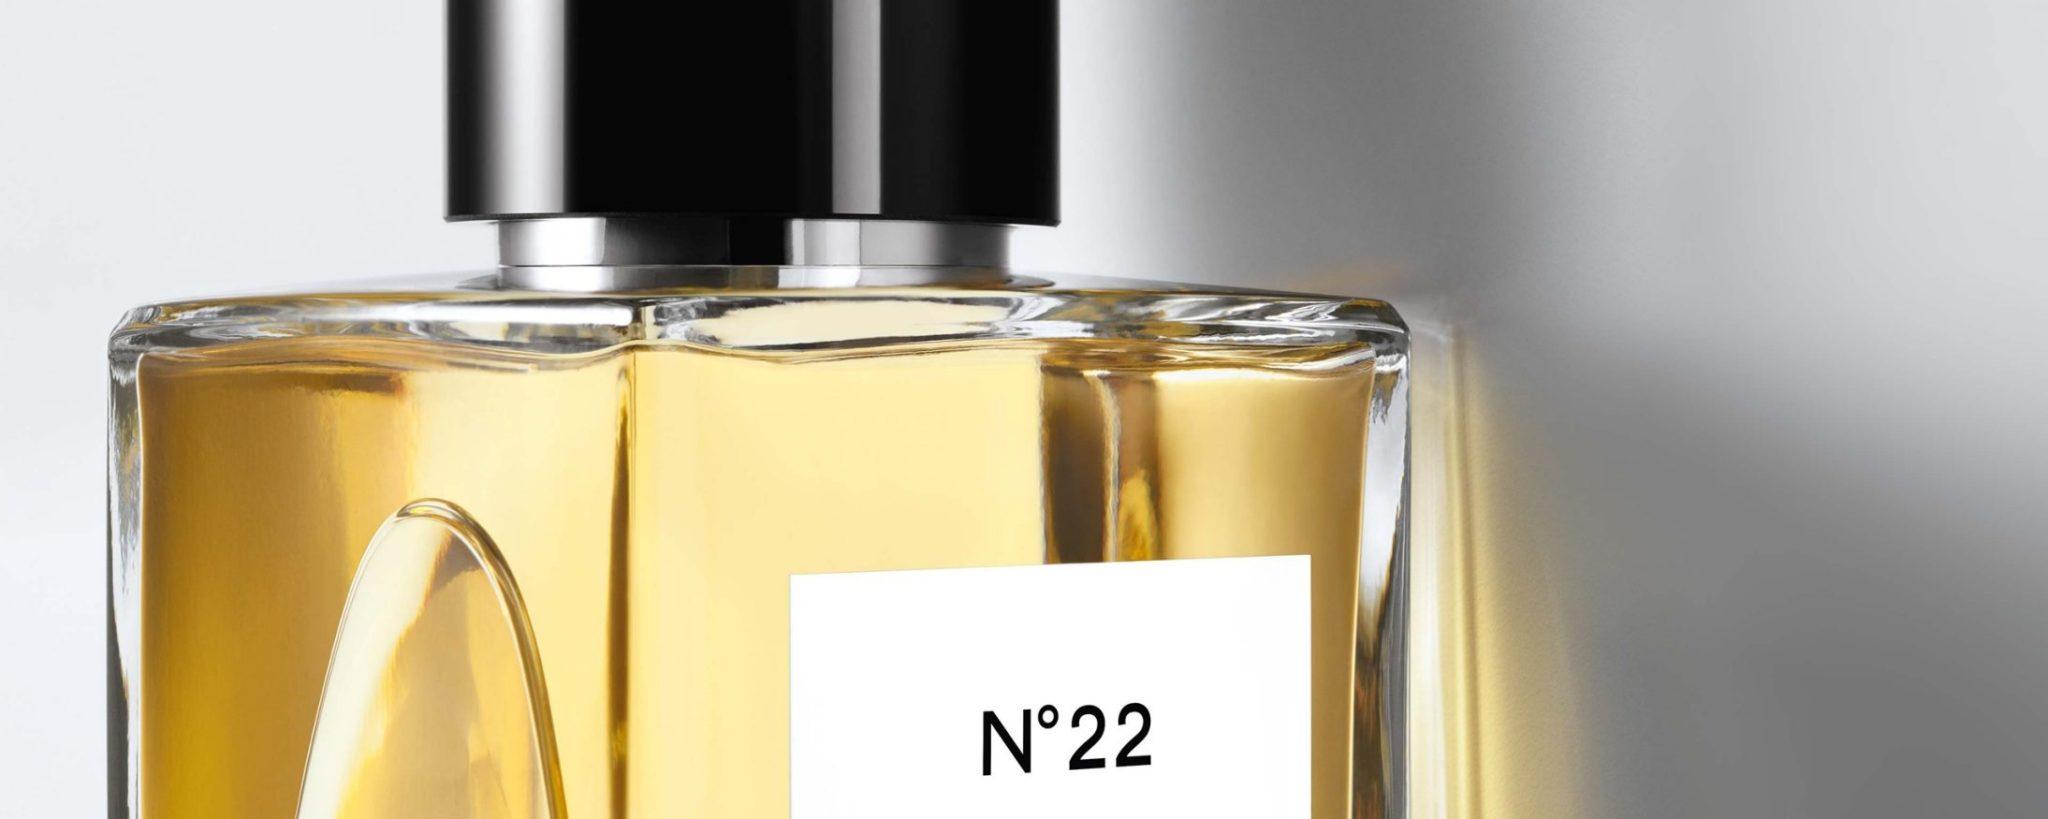 Chanel Les Exclusifs N°22 eau de parfum Esprit de Gabrielle jeronimodiparigi-dev-esprit-de-gabrielle.pf1.wpserveur.net